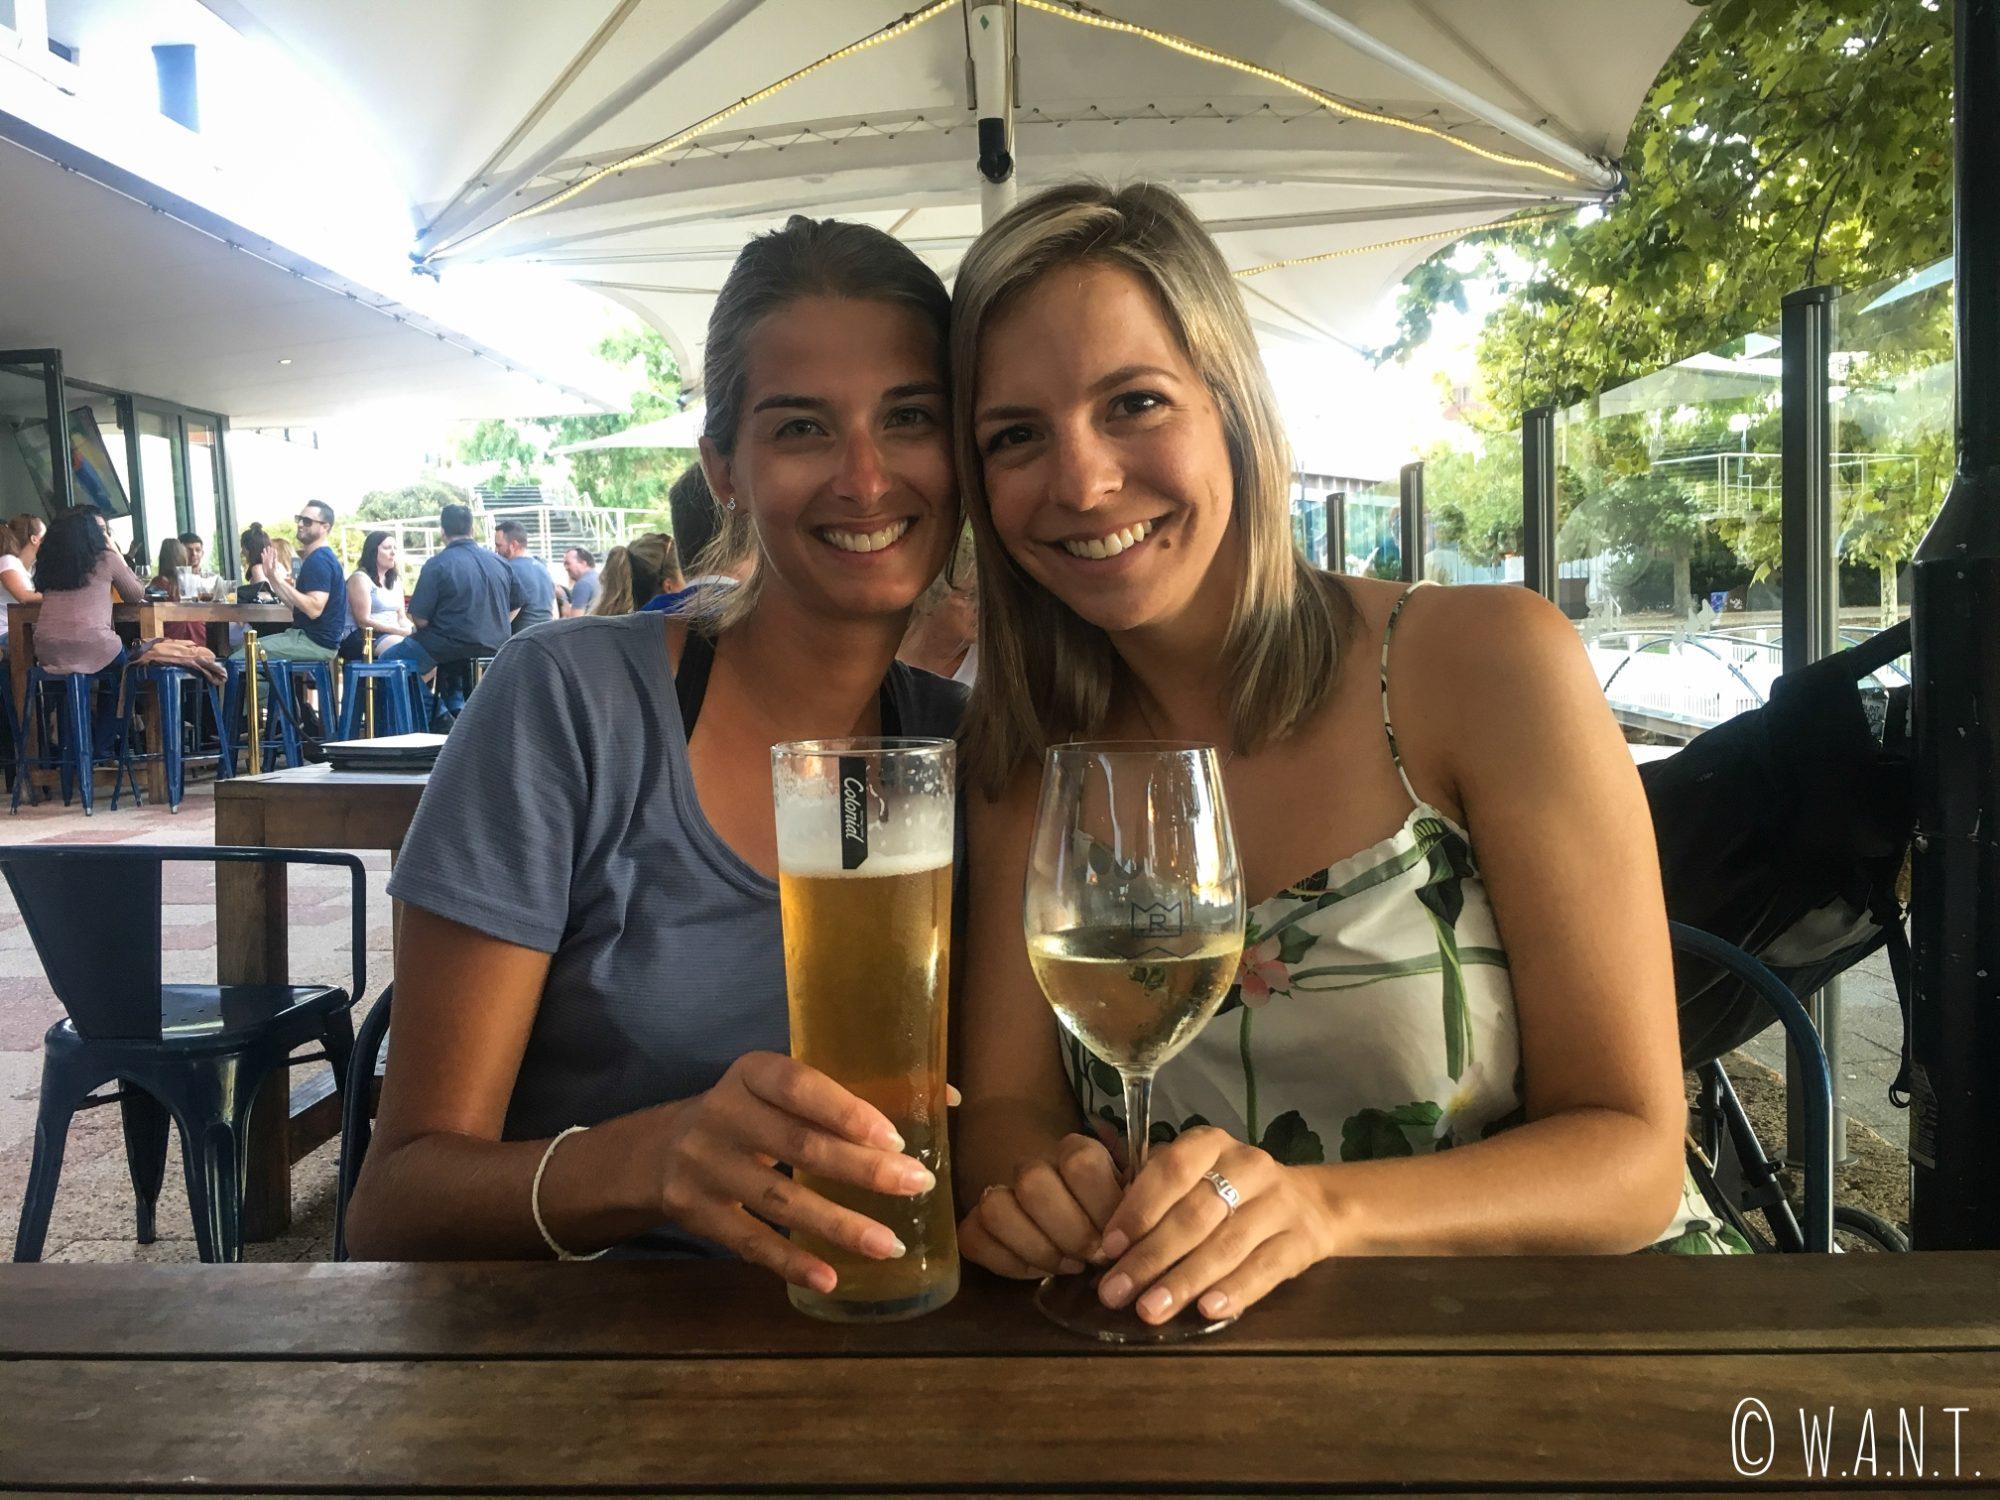 Marion est heureuse de retrouver Anne, son amie canadienne expatriée à Perth